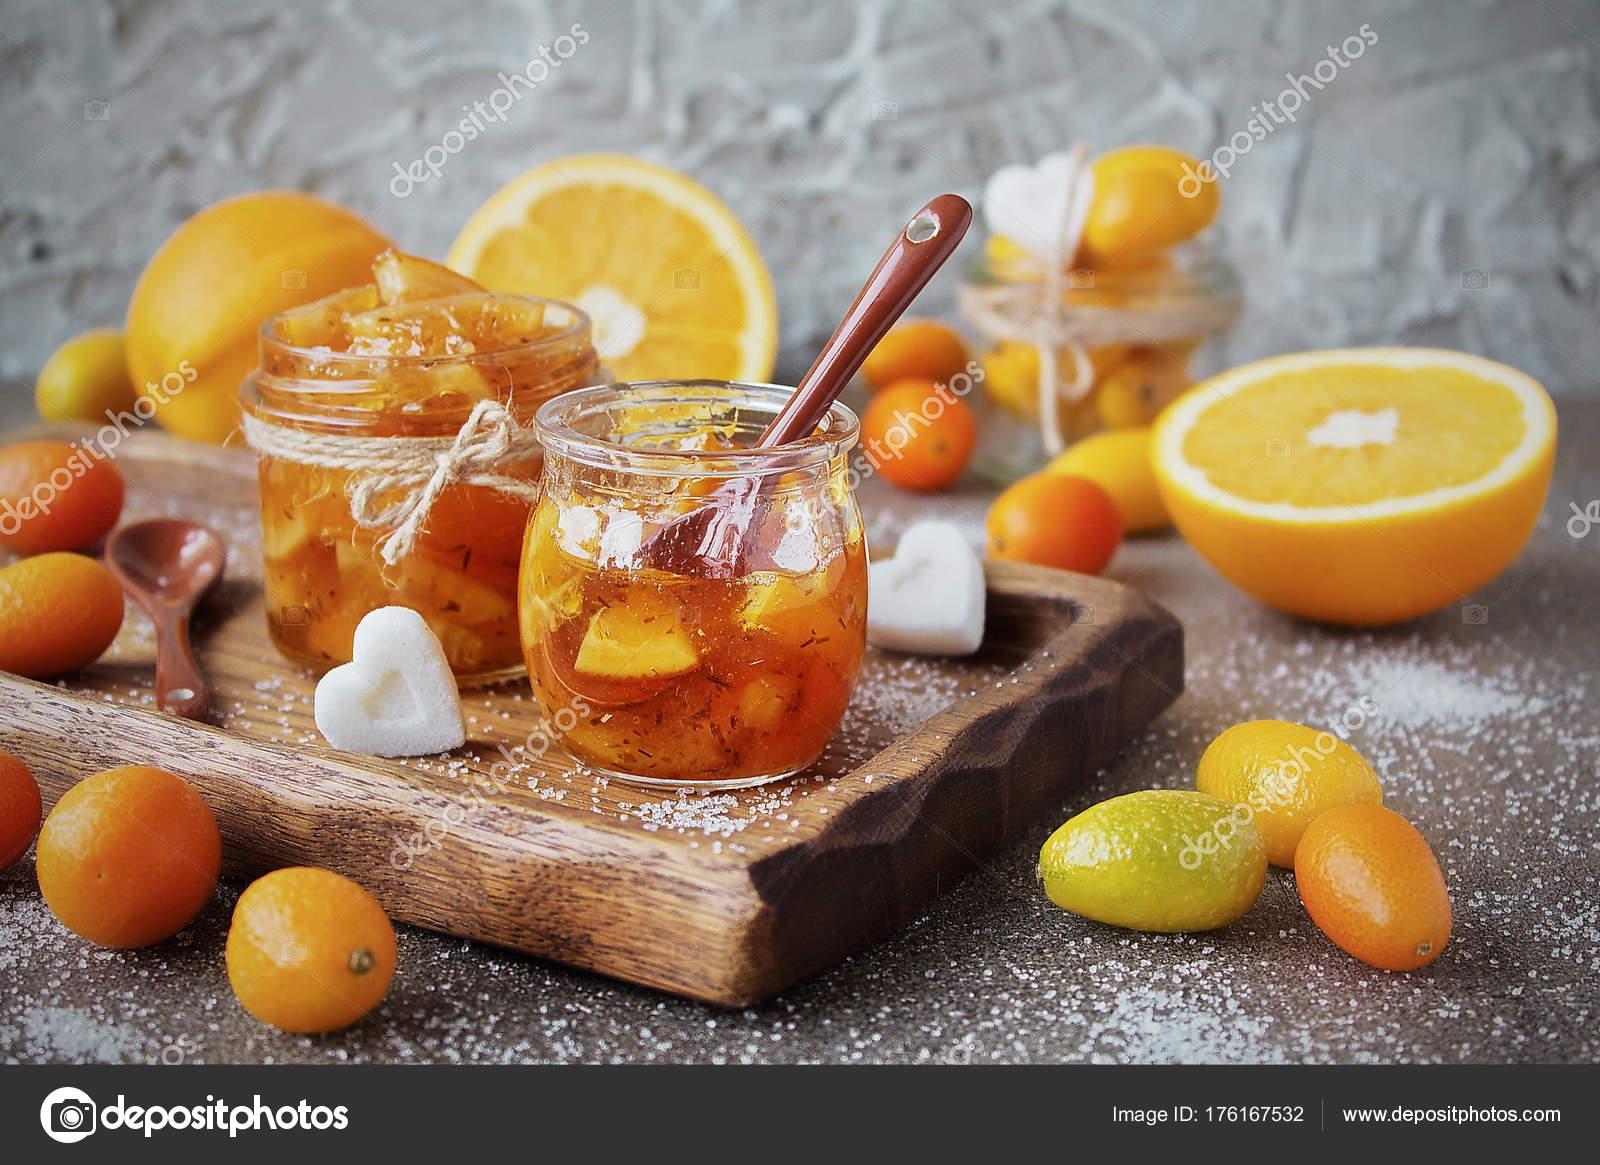 Homemade Marmalade Oranges Glass Jar Fresh Orange Kumquats Gray Granite — Stock Photo